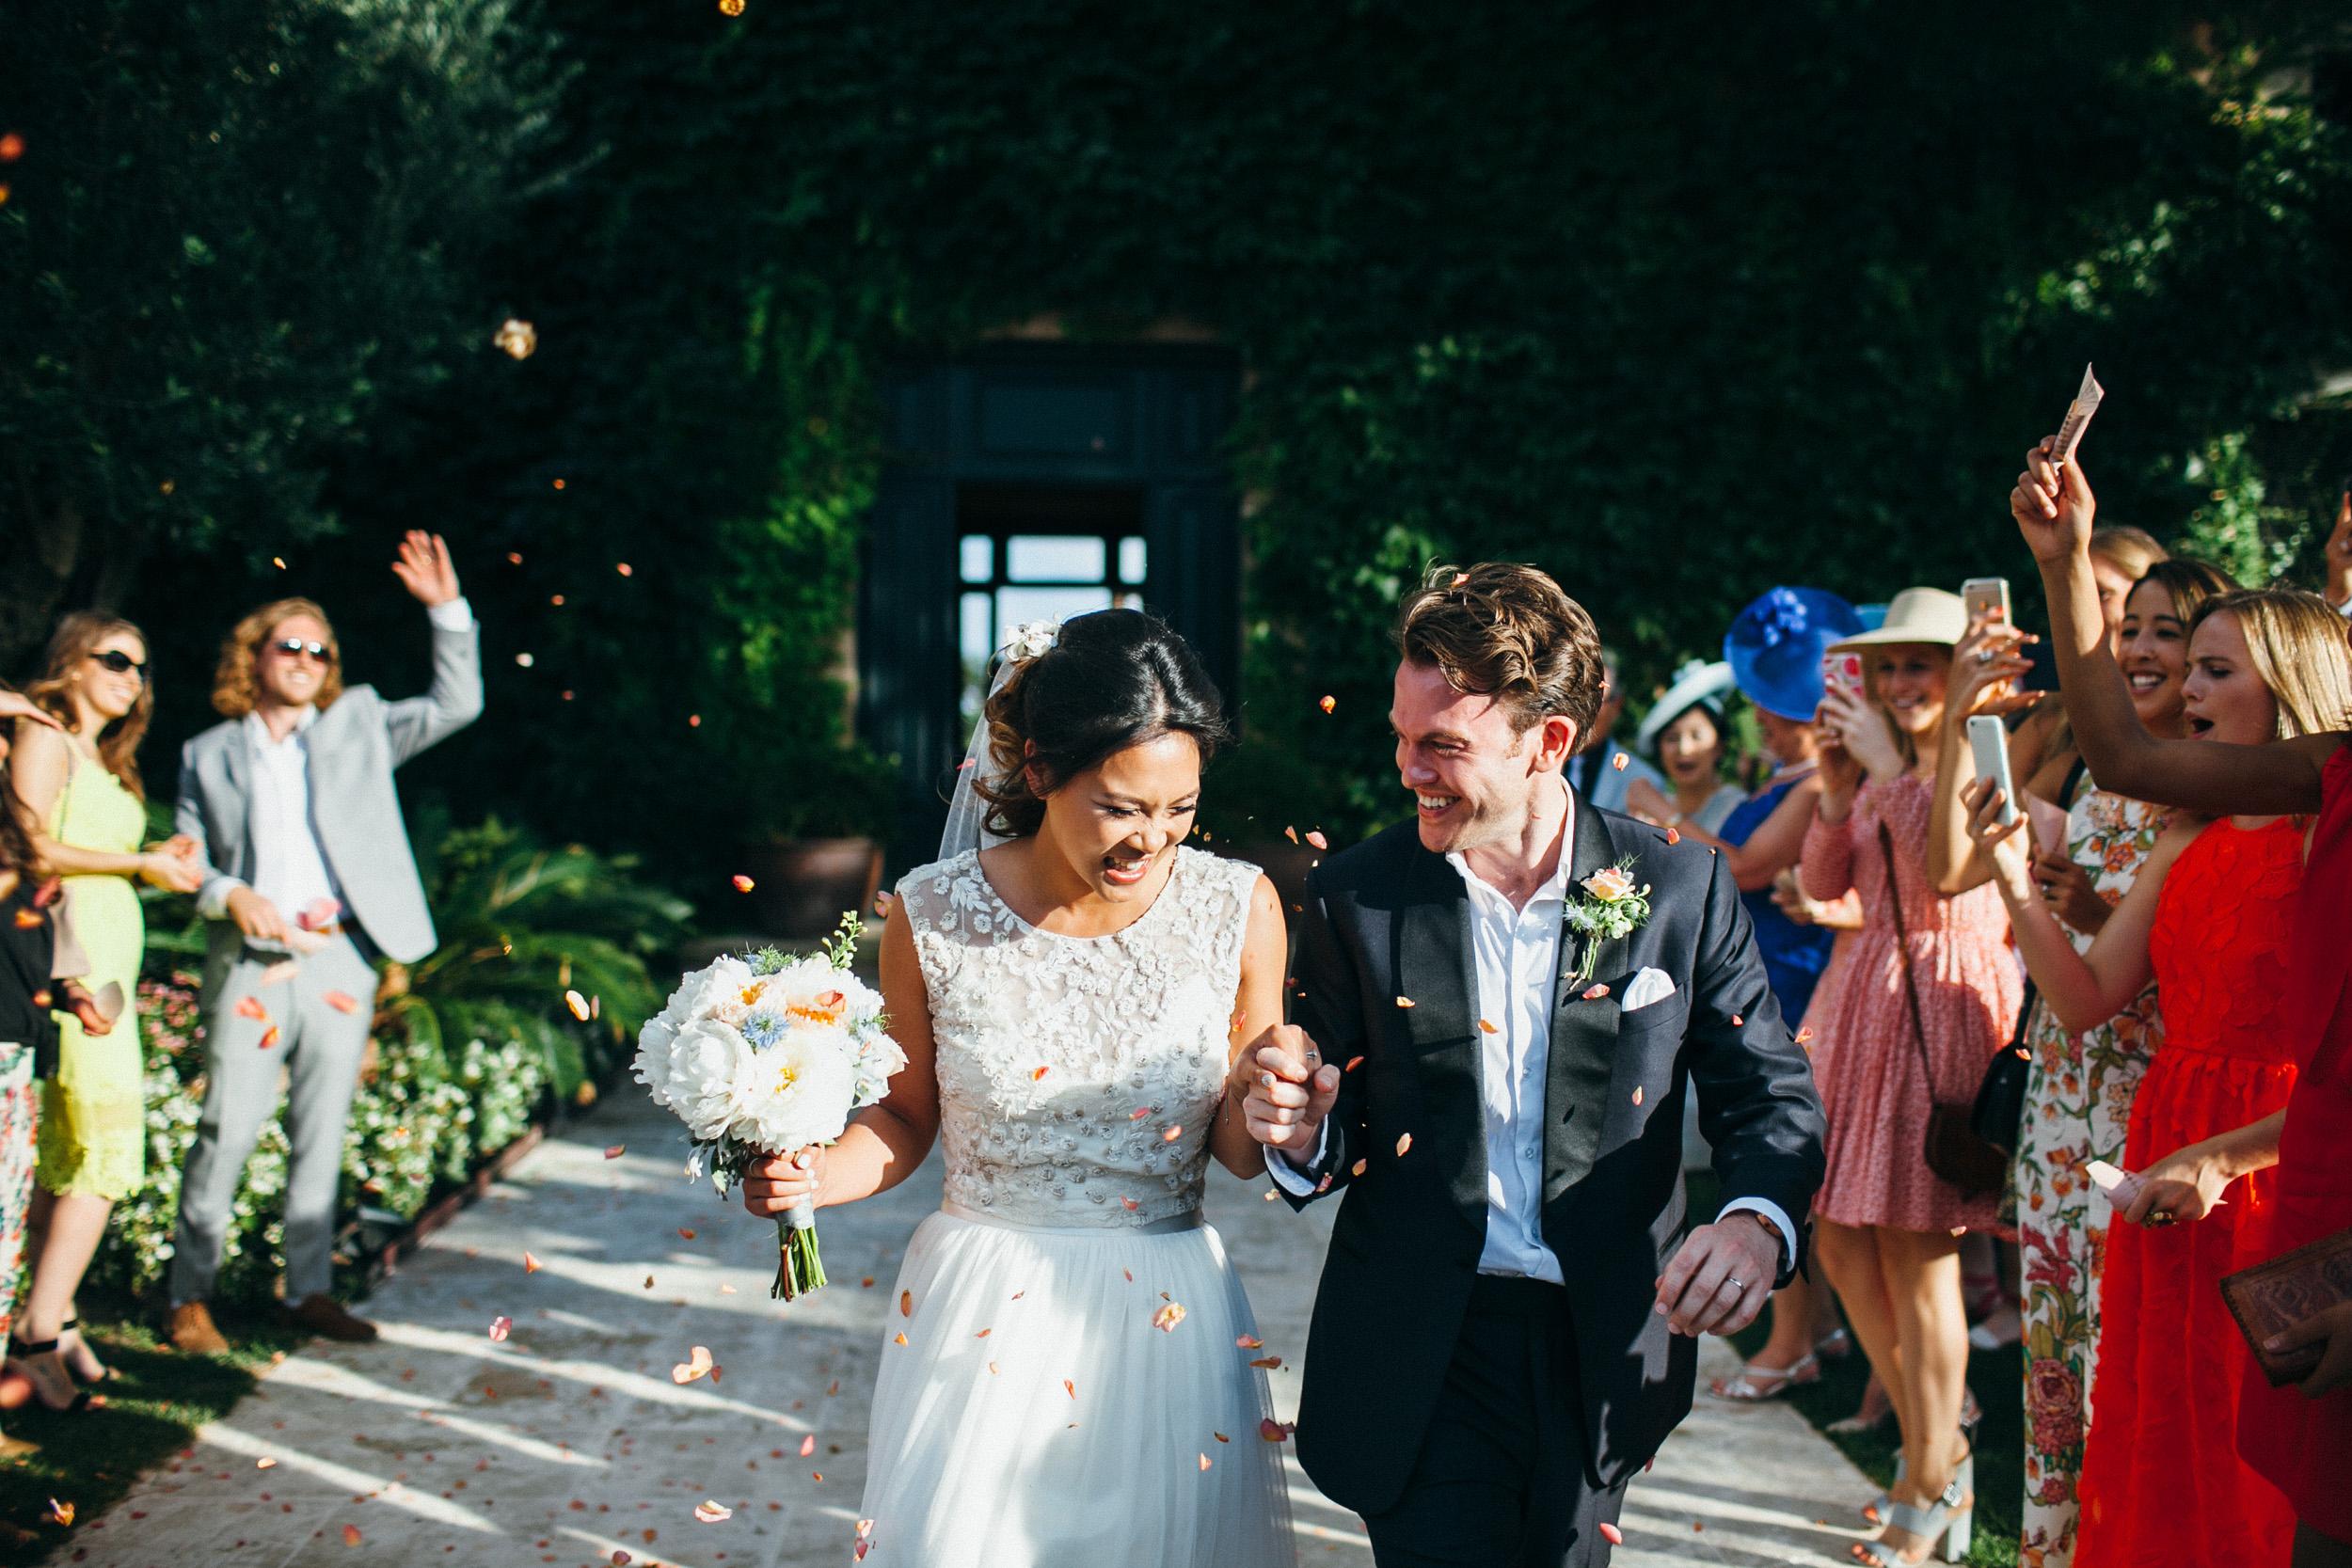 fotografos_boda_wedding_barcelona_valencia088.jpg